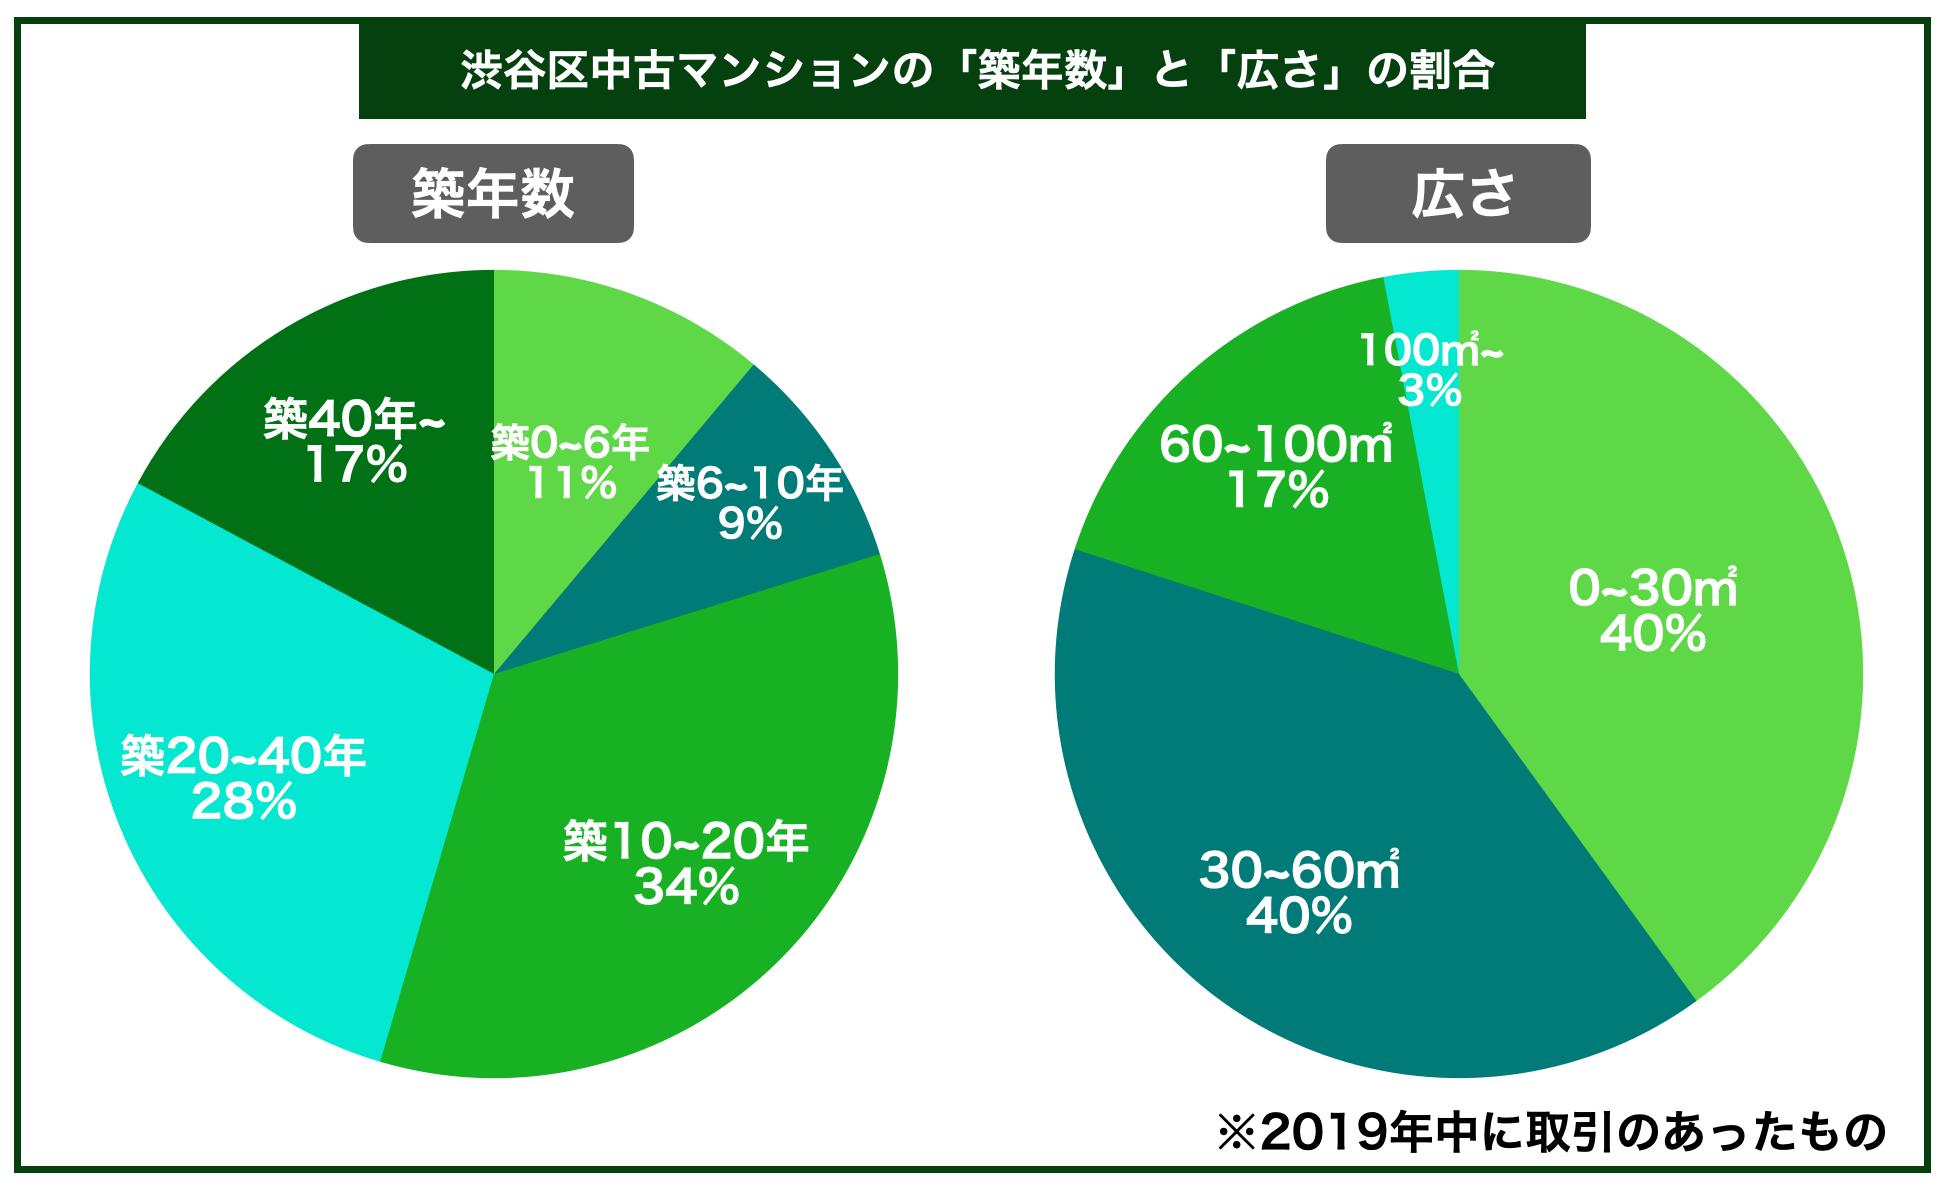 渋谷区中古マンション築年数広さ割合